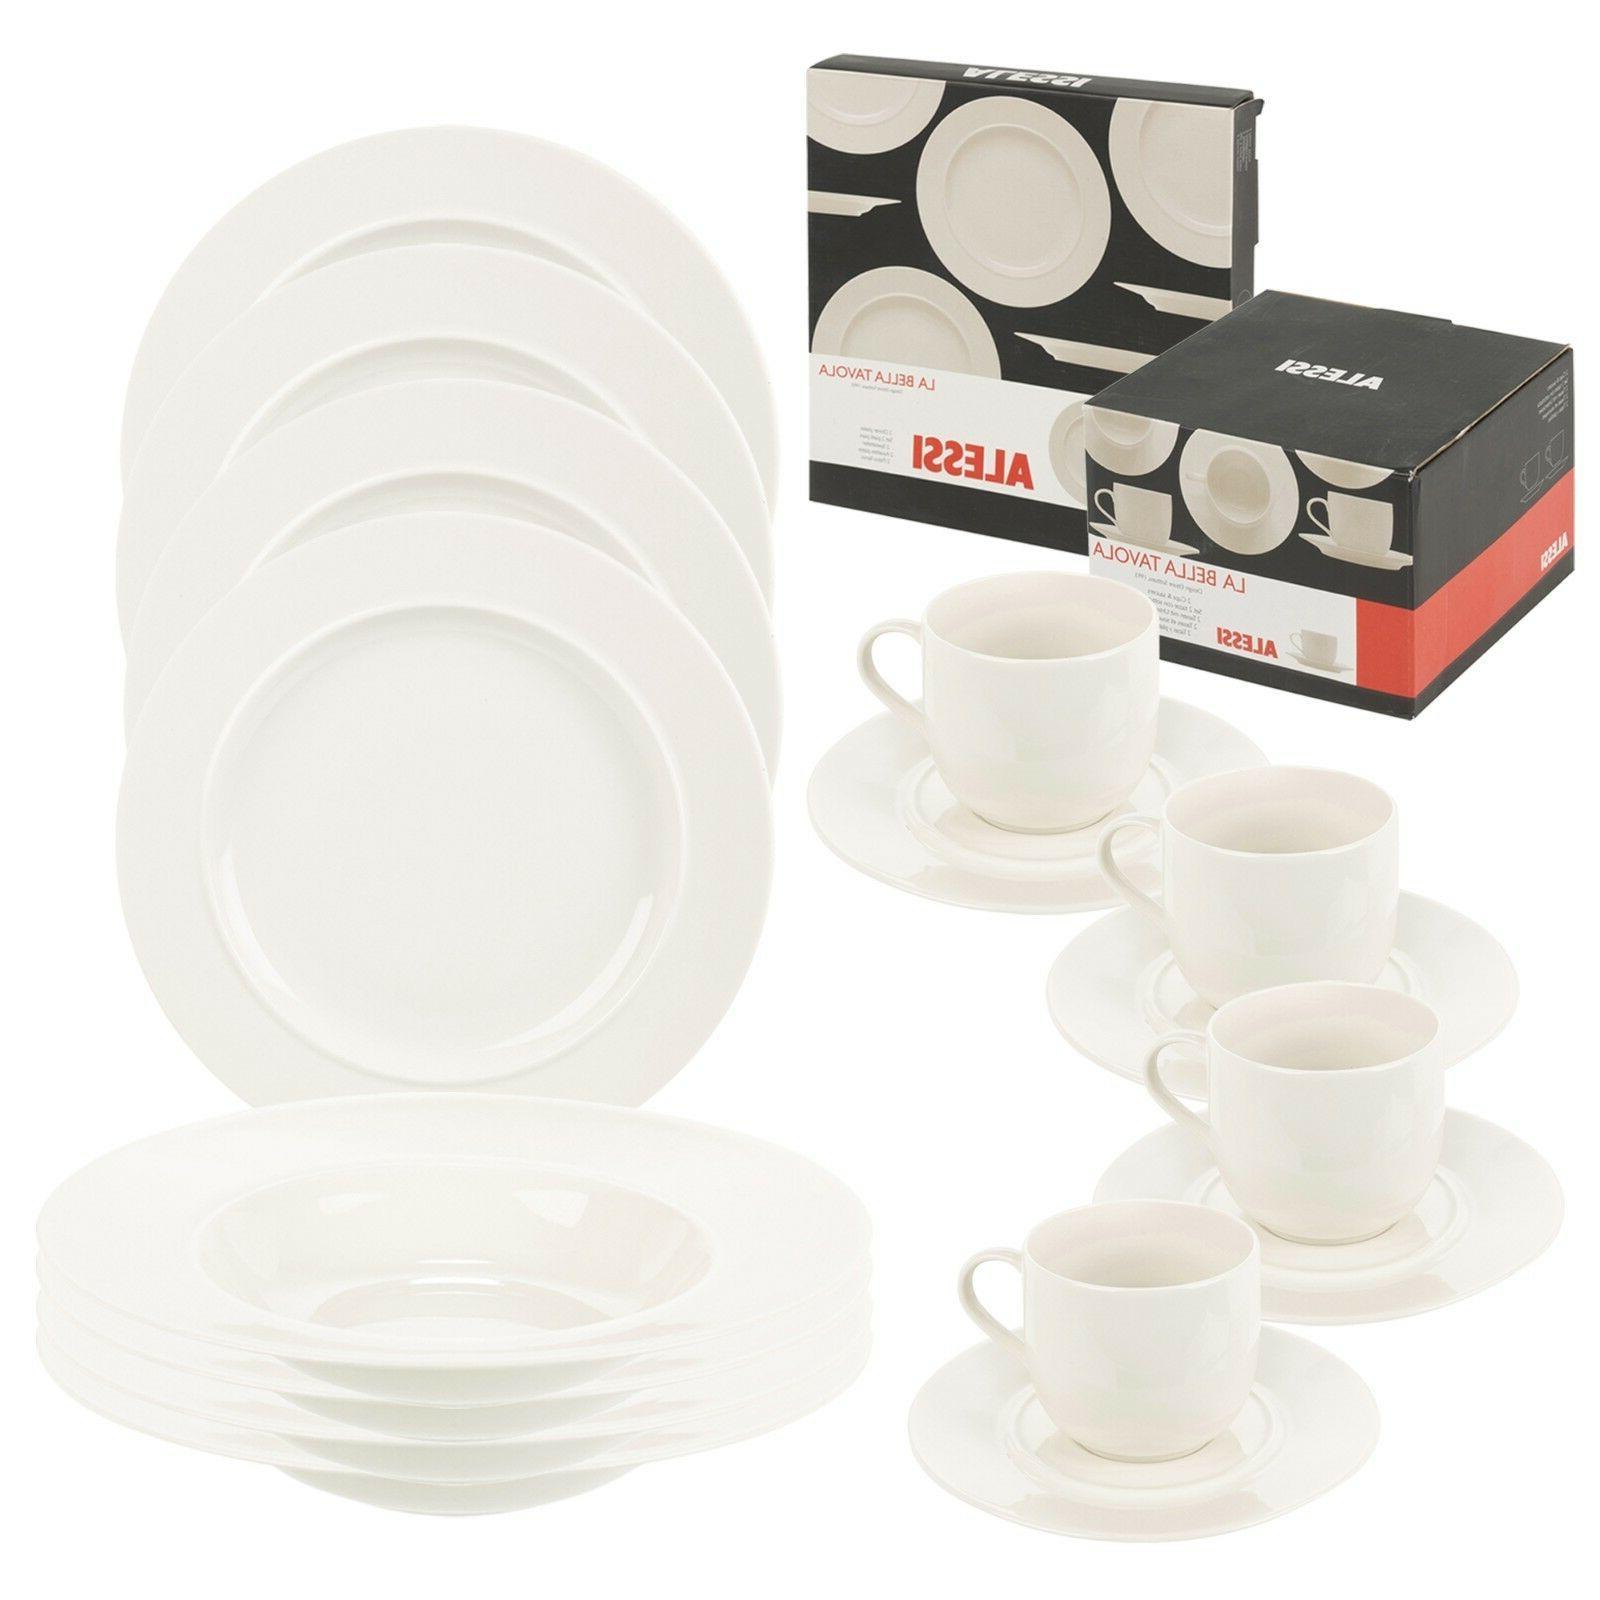 la bella dinner service porcelain tableware dining